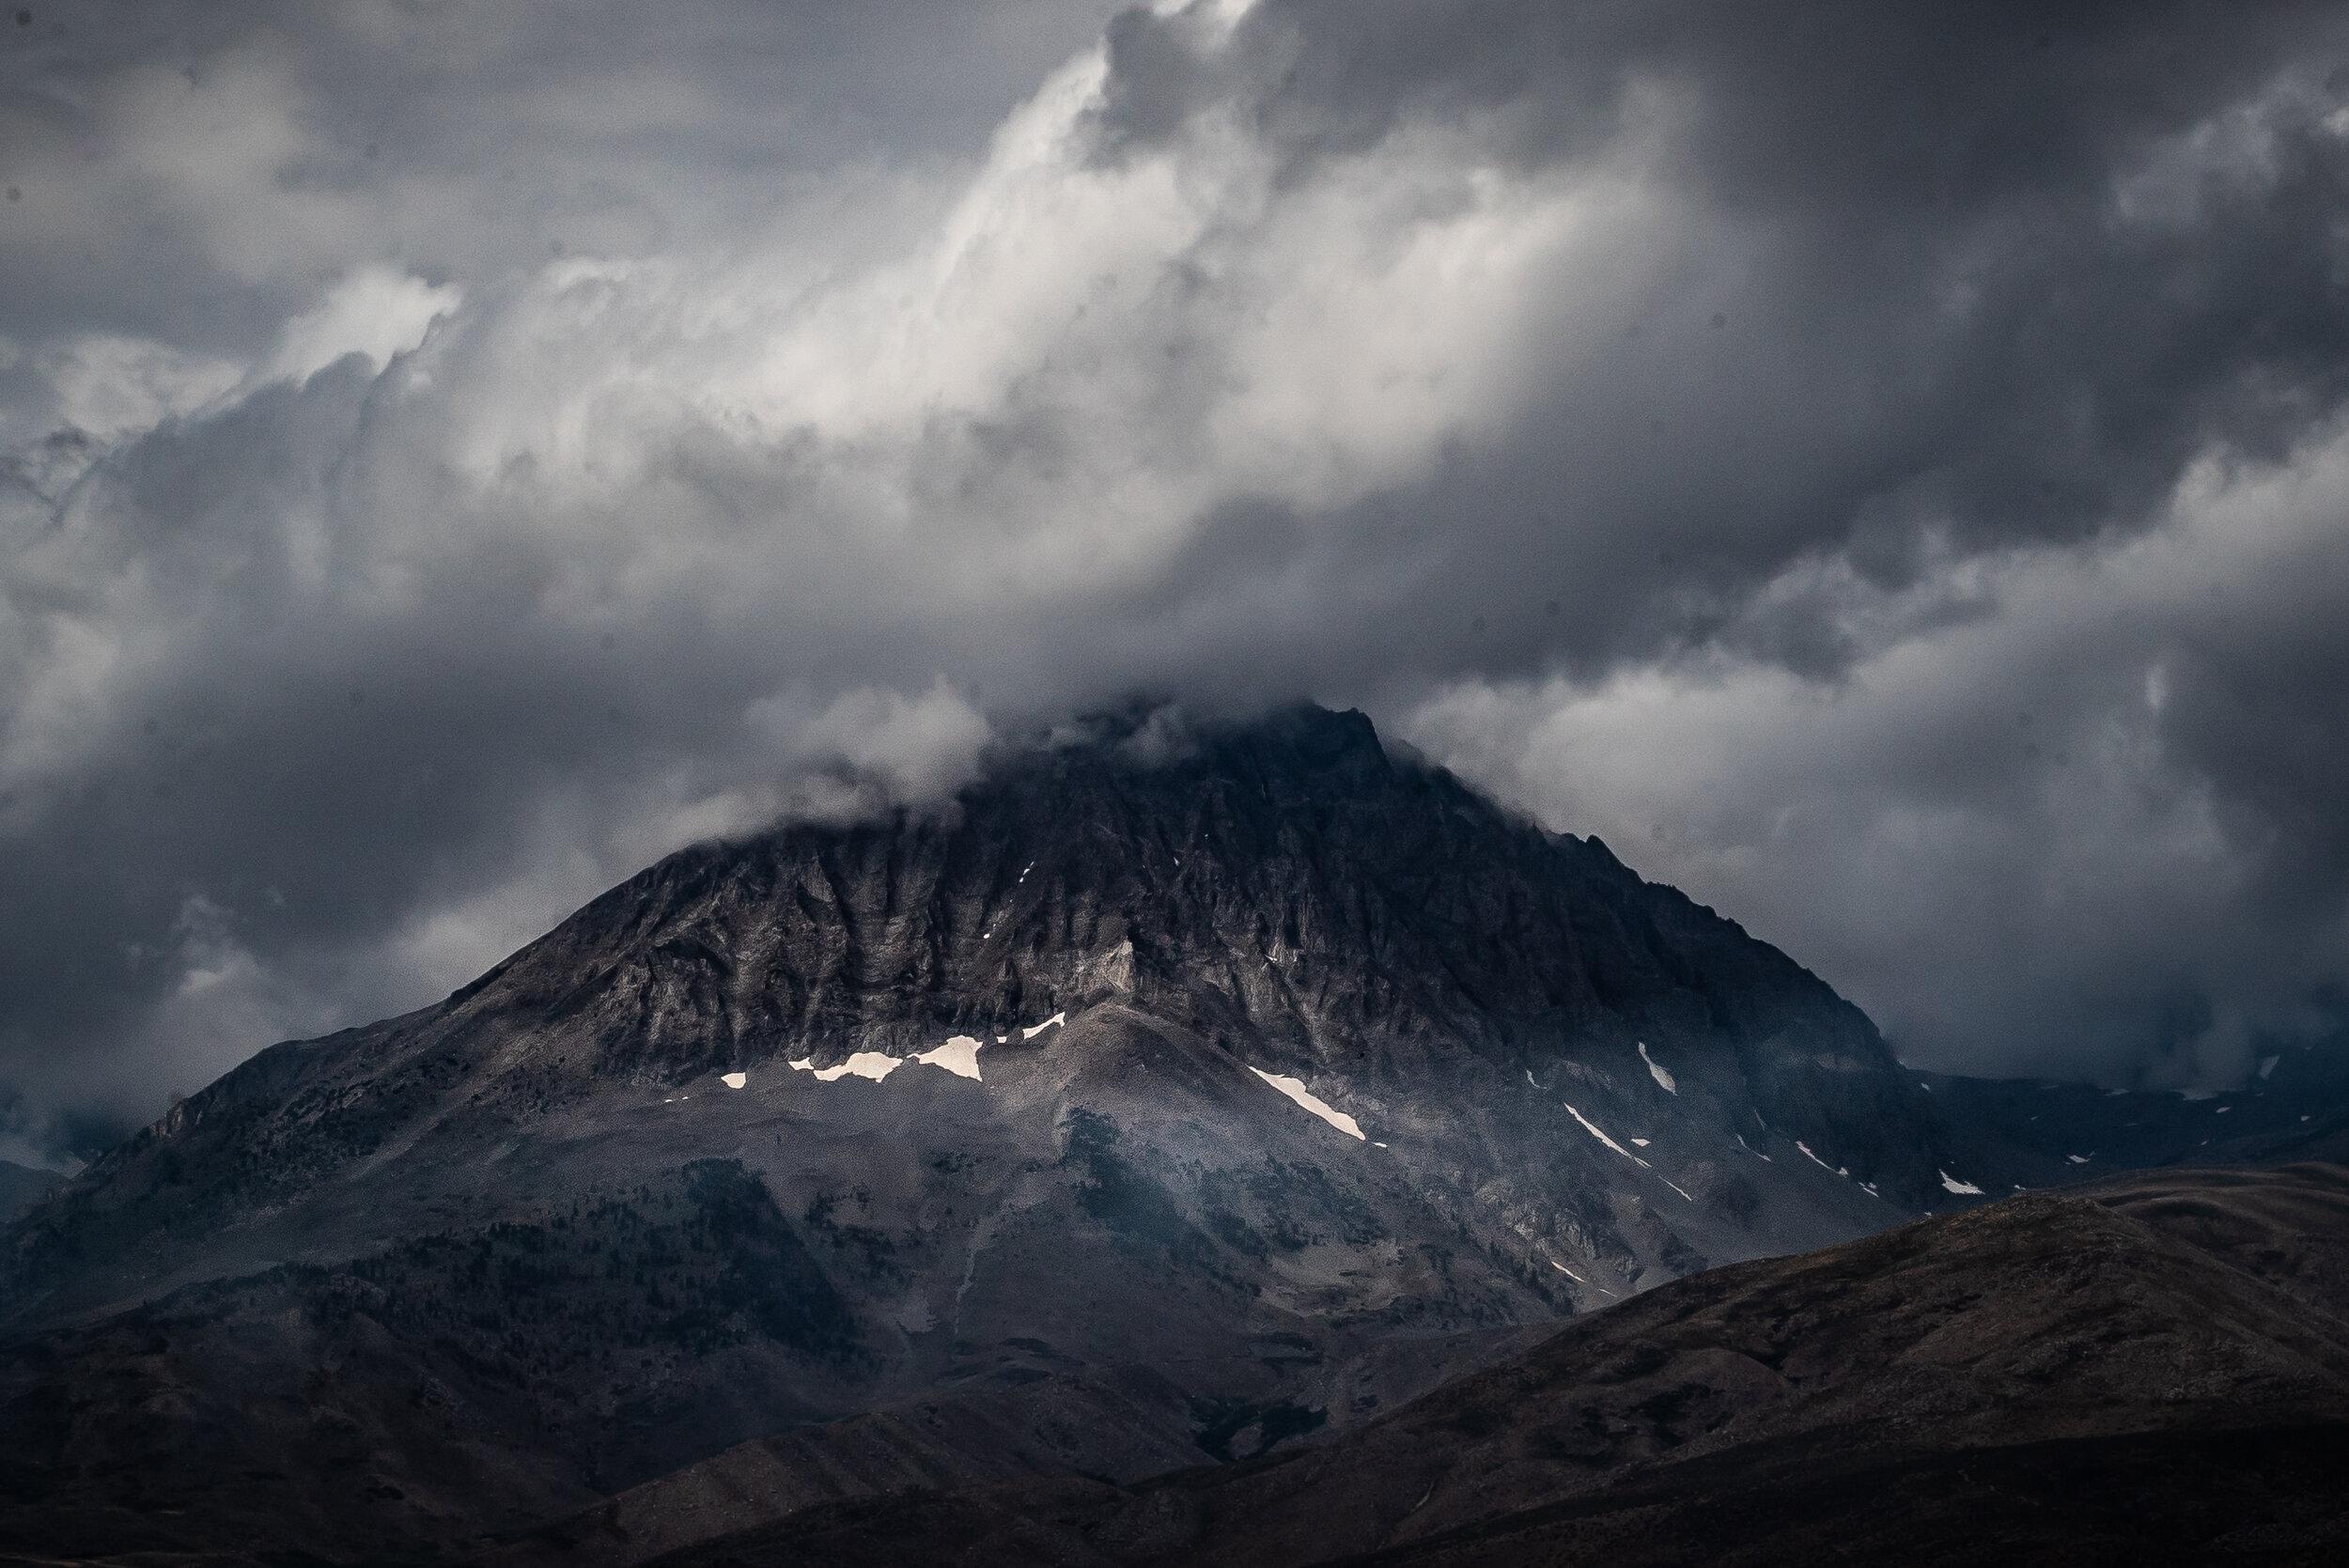 Sierras w Rumsey 2019-20.jpg